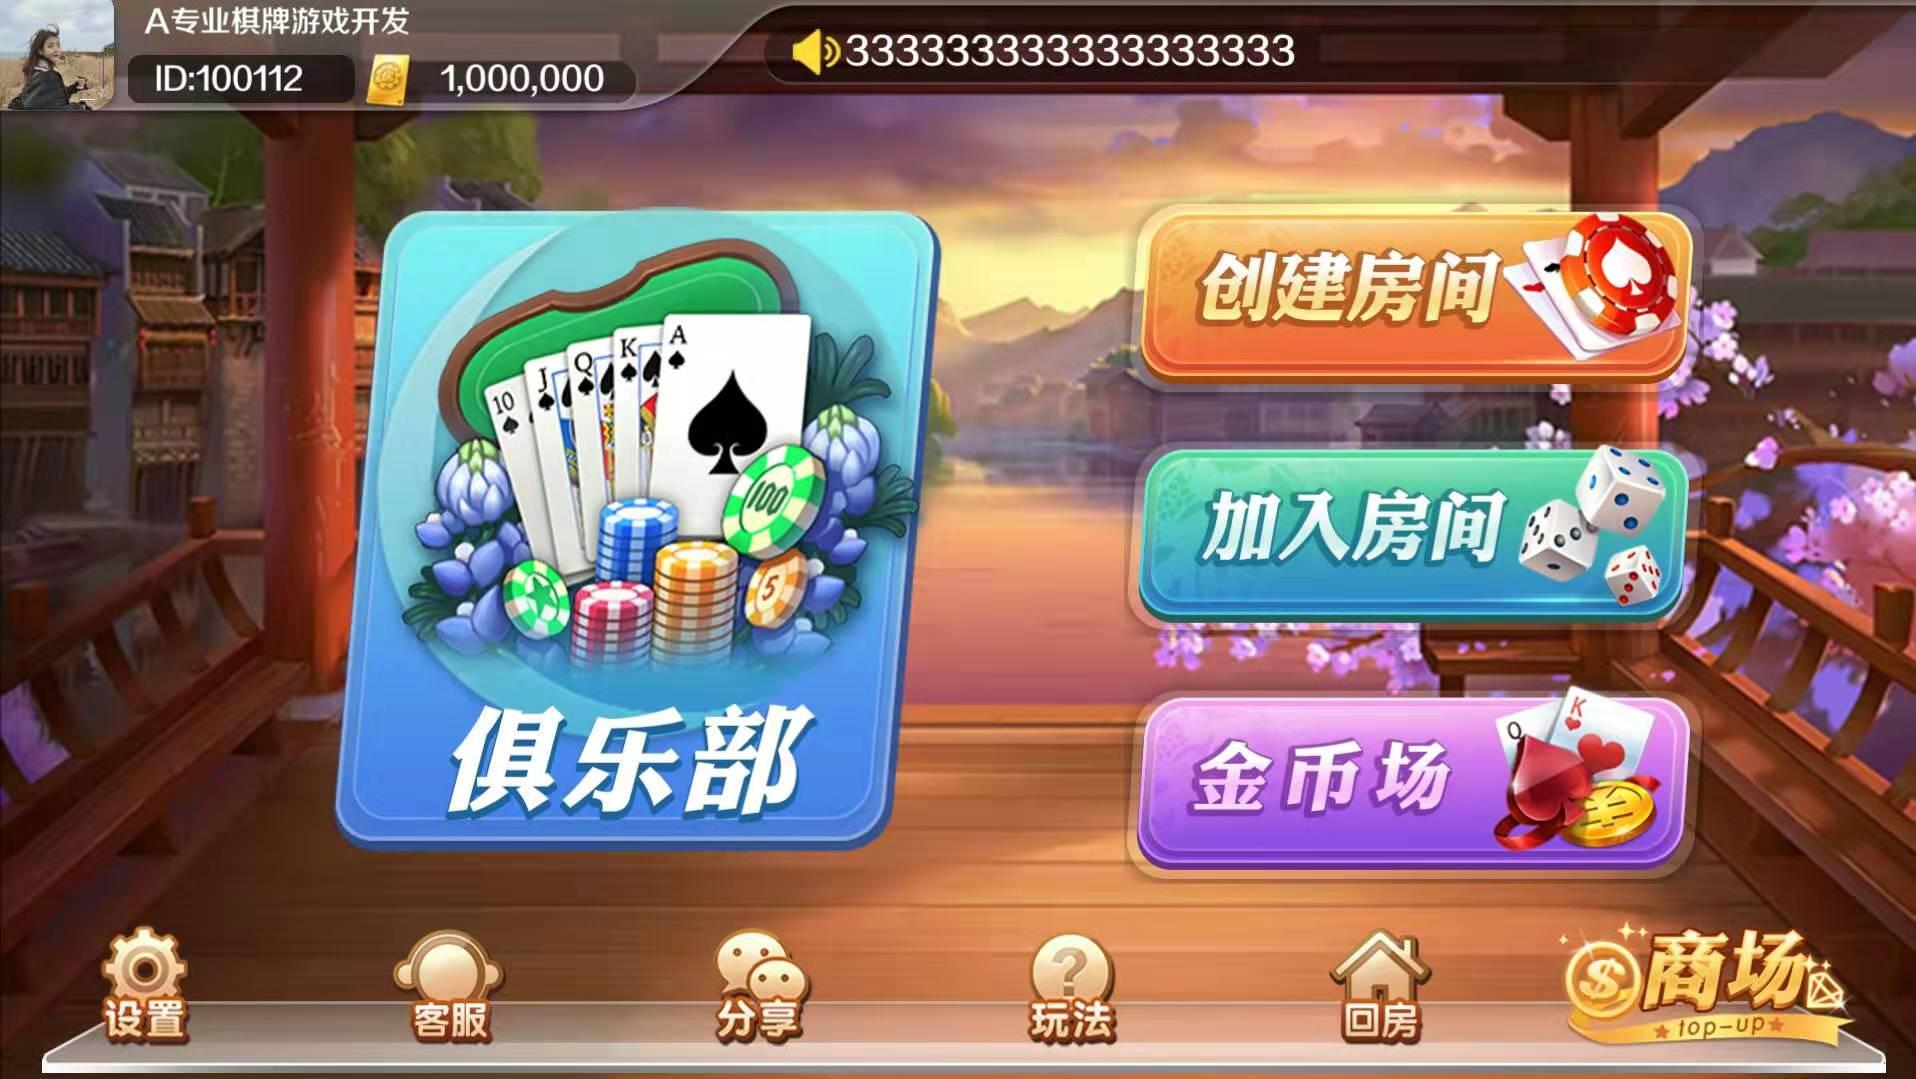 江西萍乡棋牌游戏开发公司